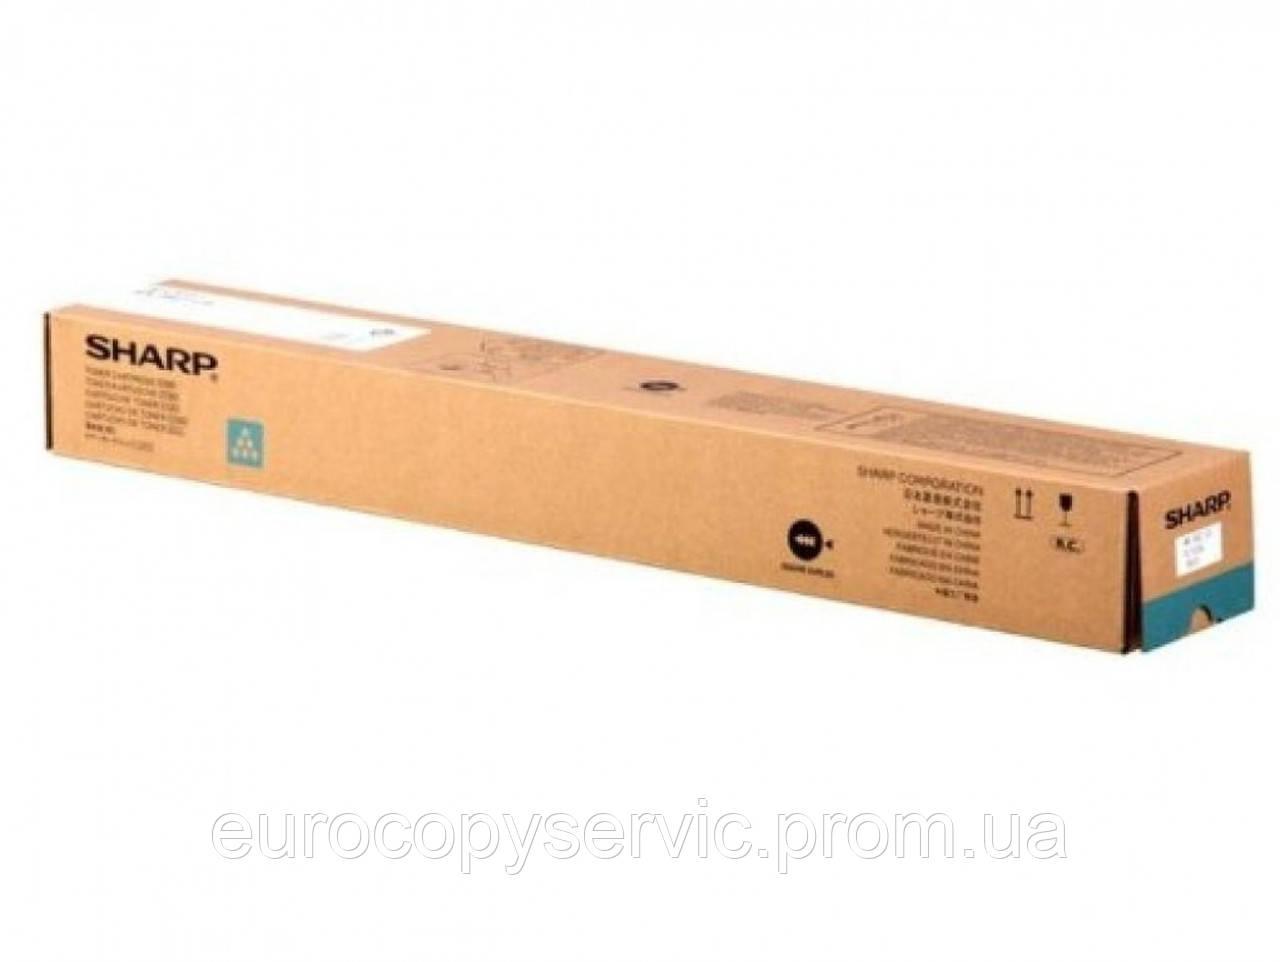 Драм-картридж Sharp для MX-2310 MX-3111 U, MX-3114 N, MX-2614 N, MX-2010 U, MX-2310 Series, MX-2616 N ресурс